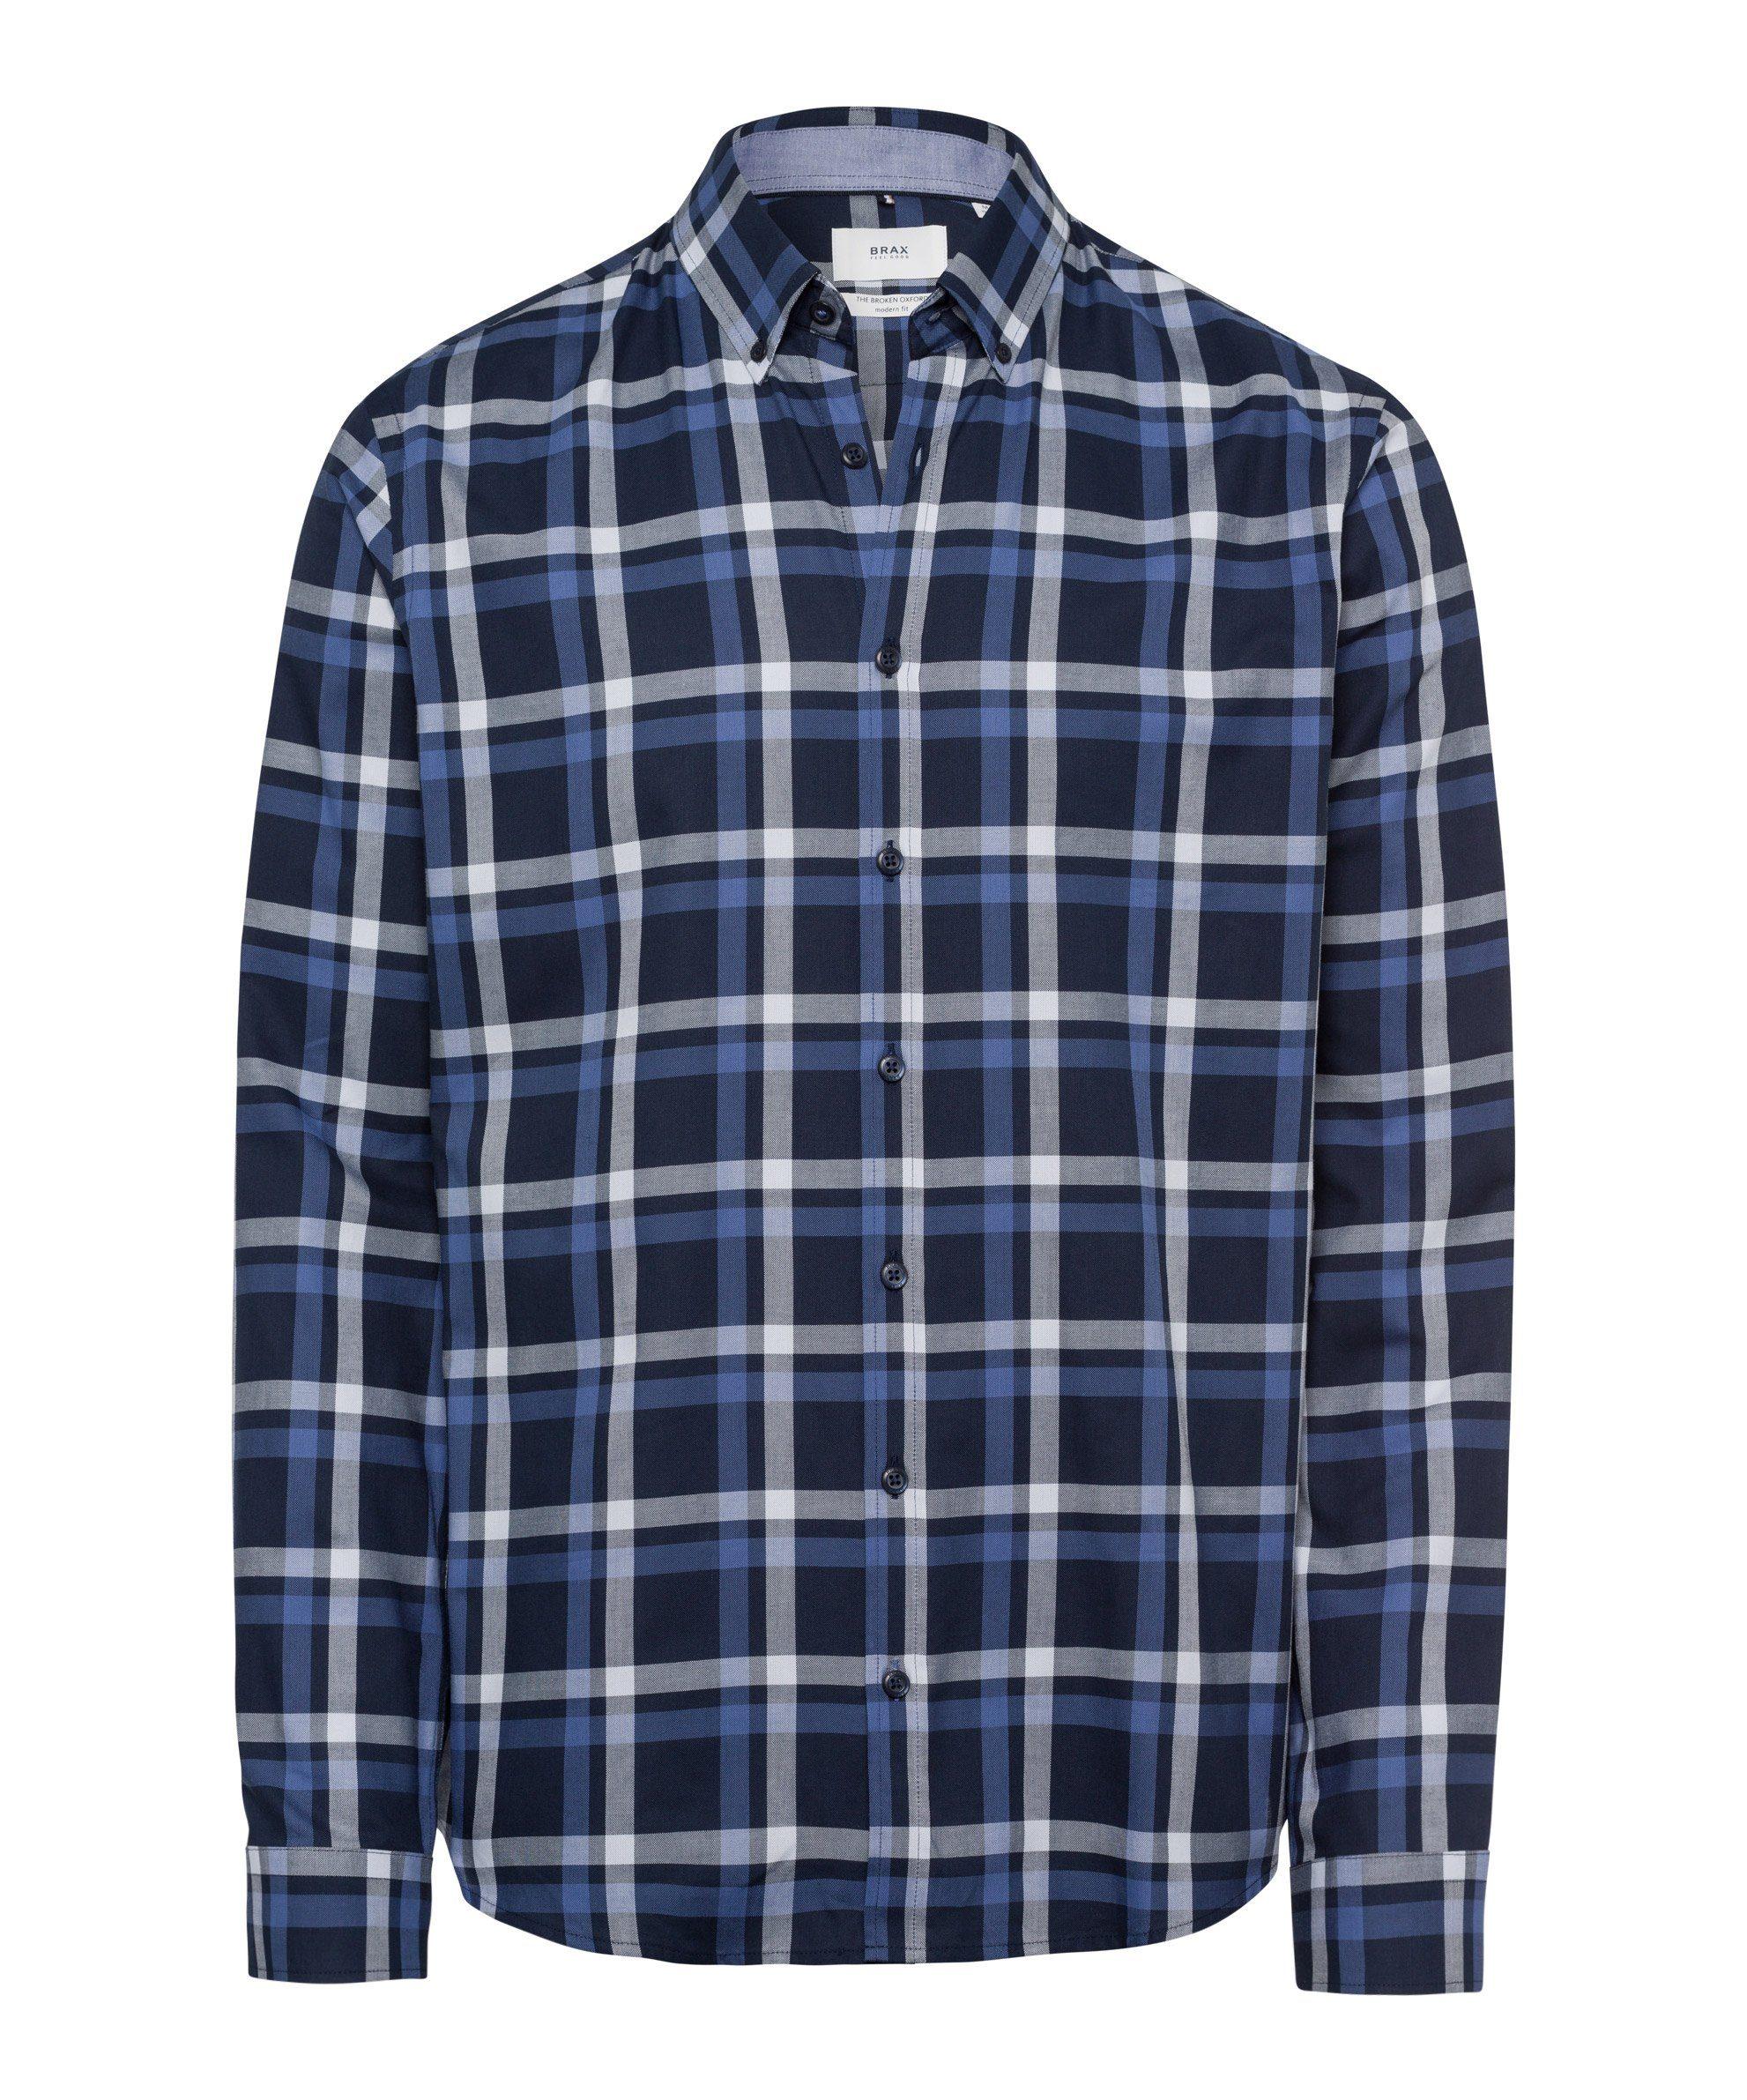 Brax Hemd »Style Daniel«, Hemd mit Button Down Kragen und herbstlichem Karomuster online kaufen | OTTO